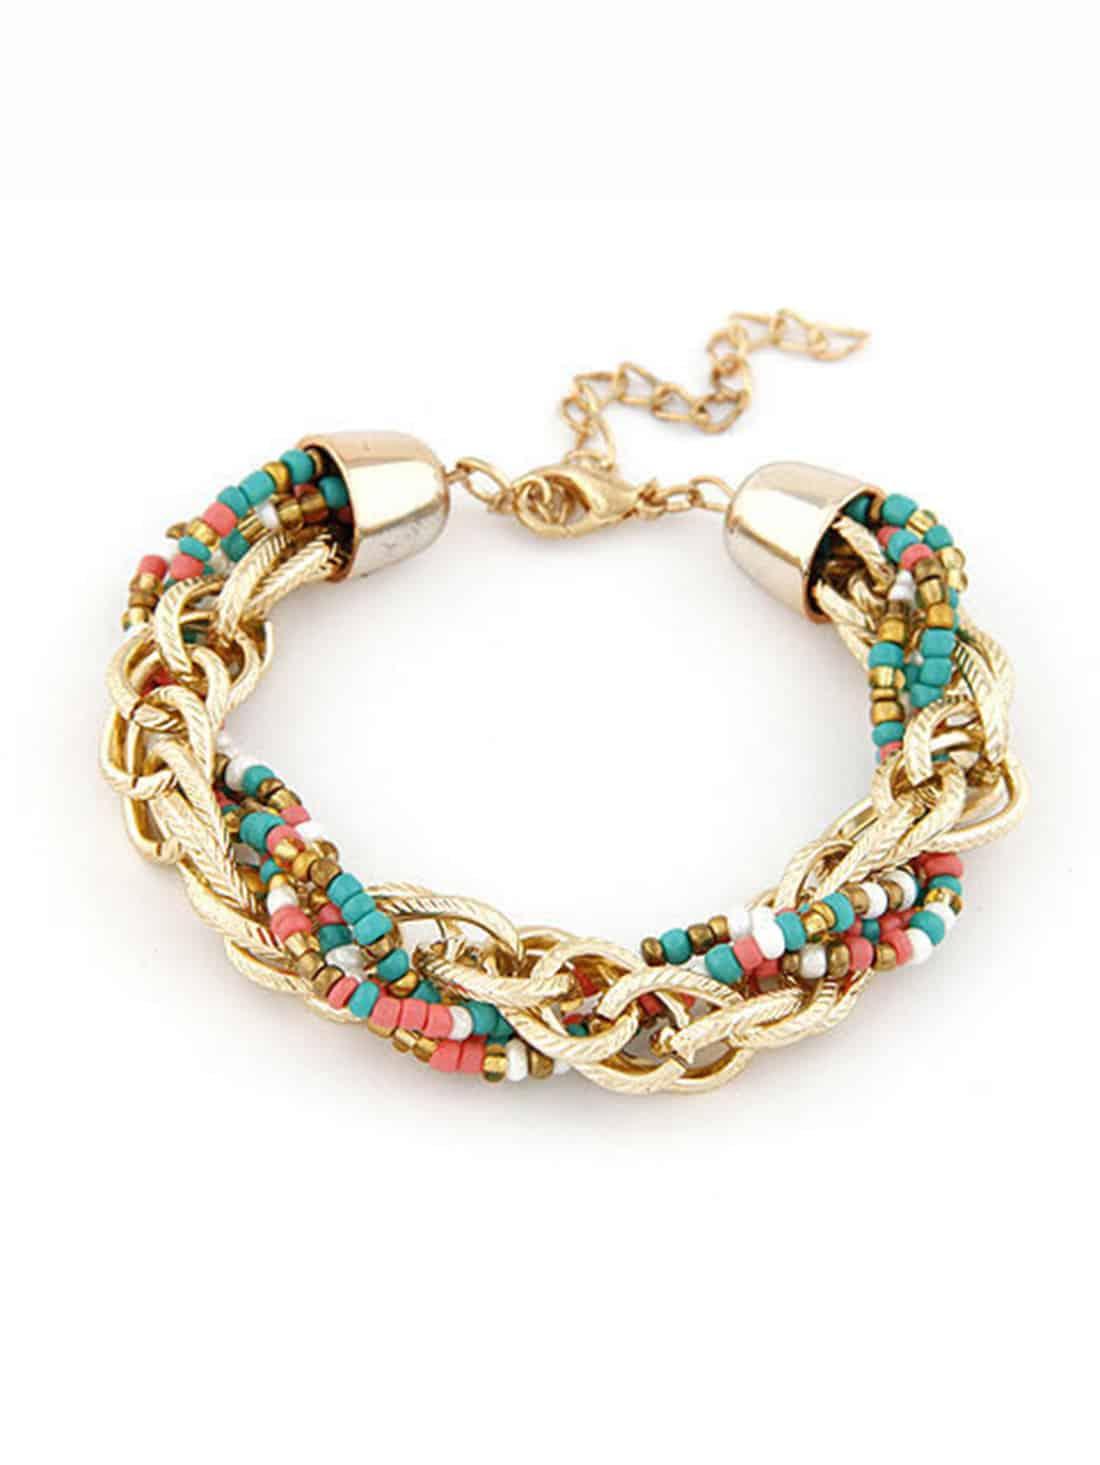 Фото Multicolor Beads Metal Chain Handmade Bracelet. Купить с доставкой